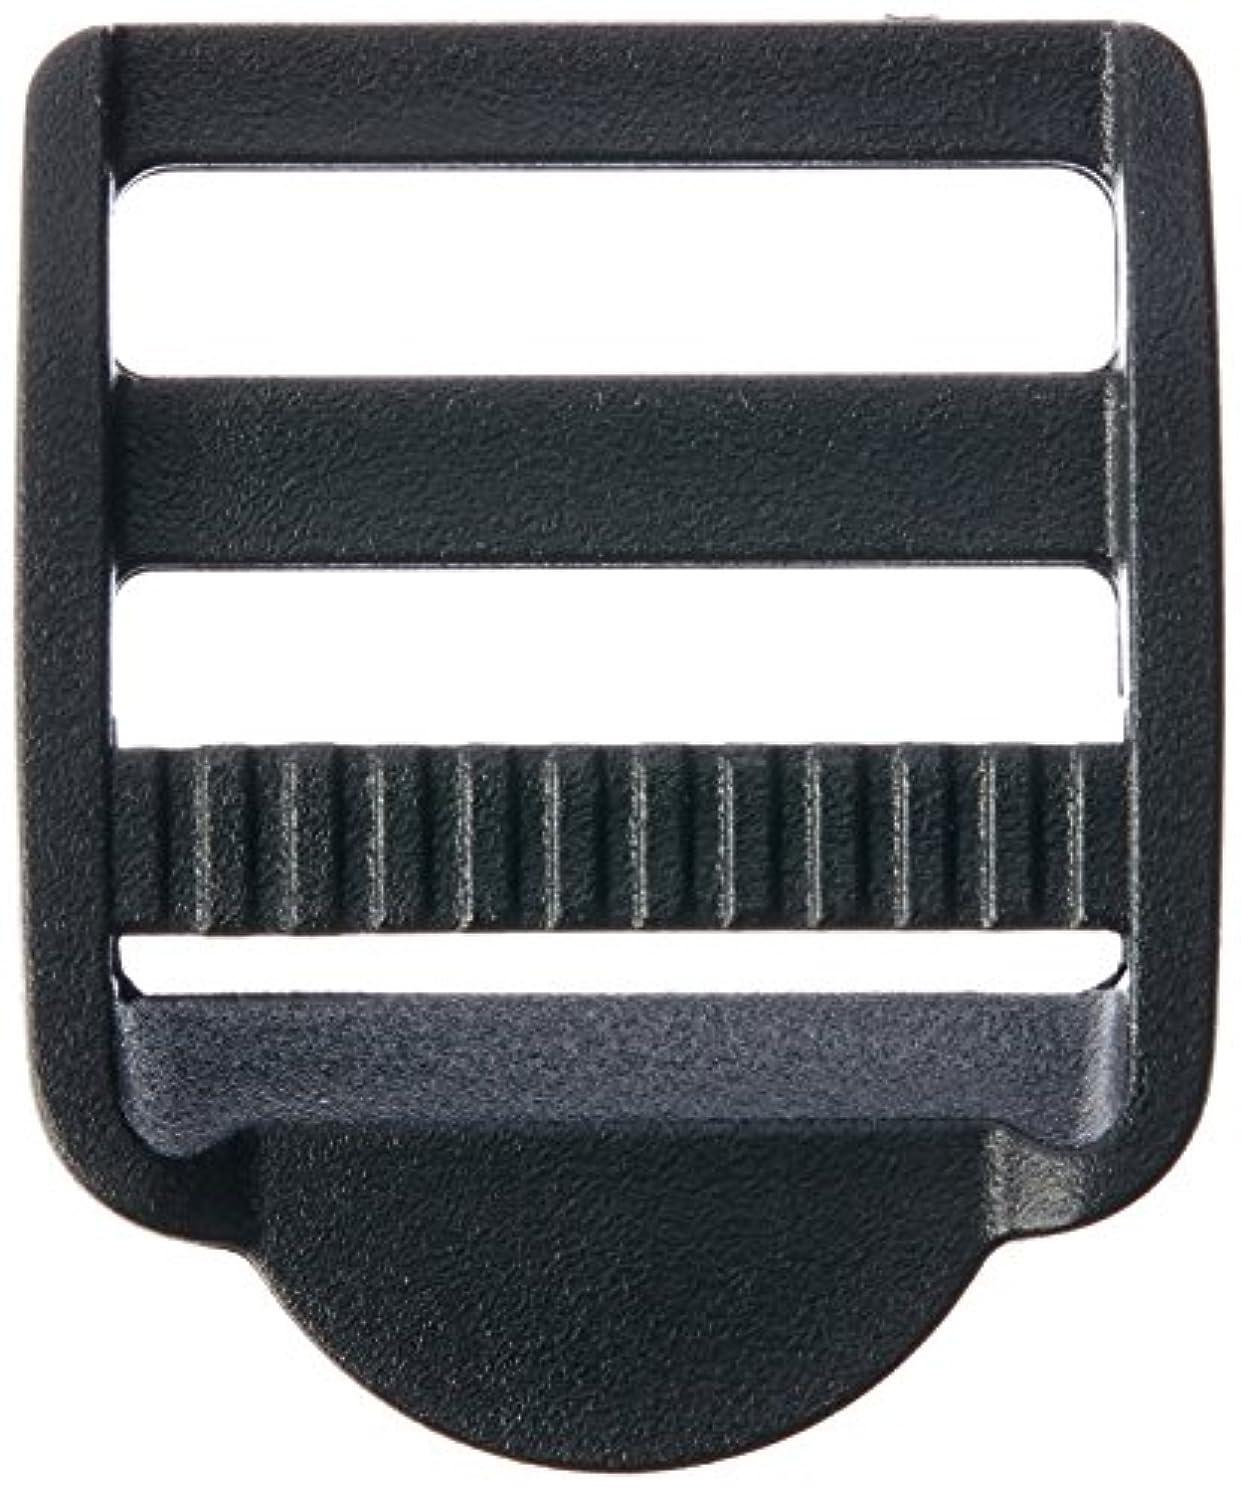 Dritz 477 Slide Adjusters for 1